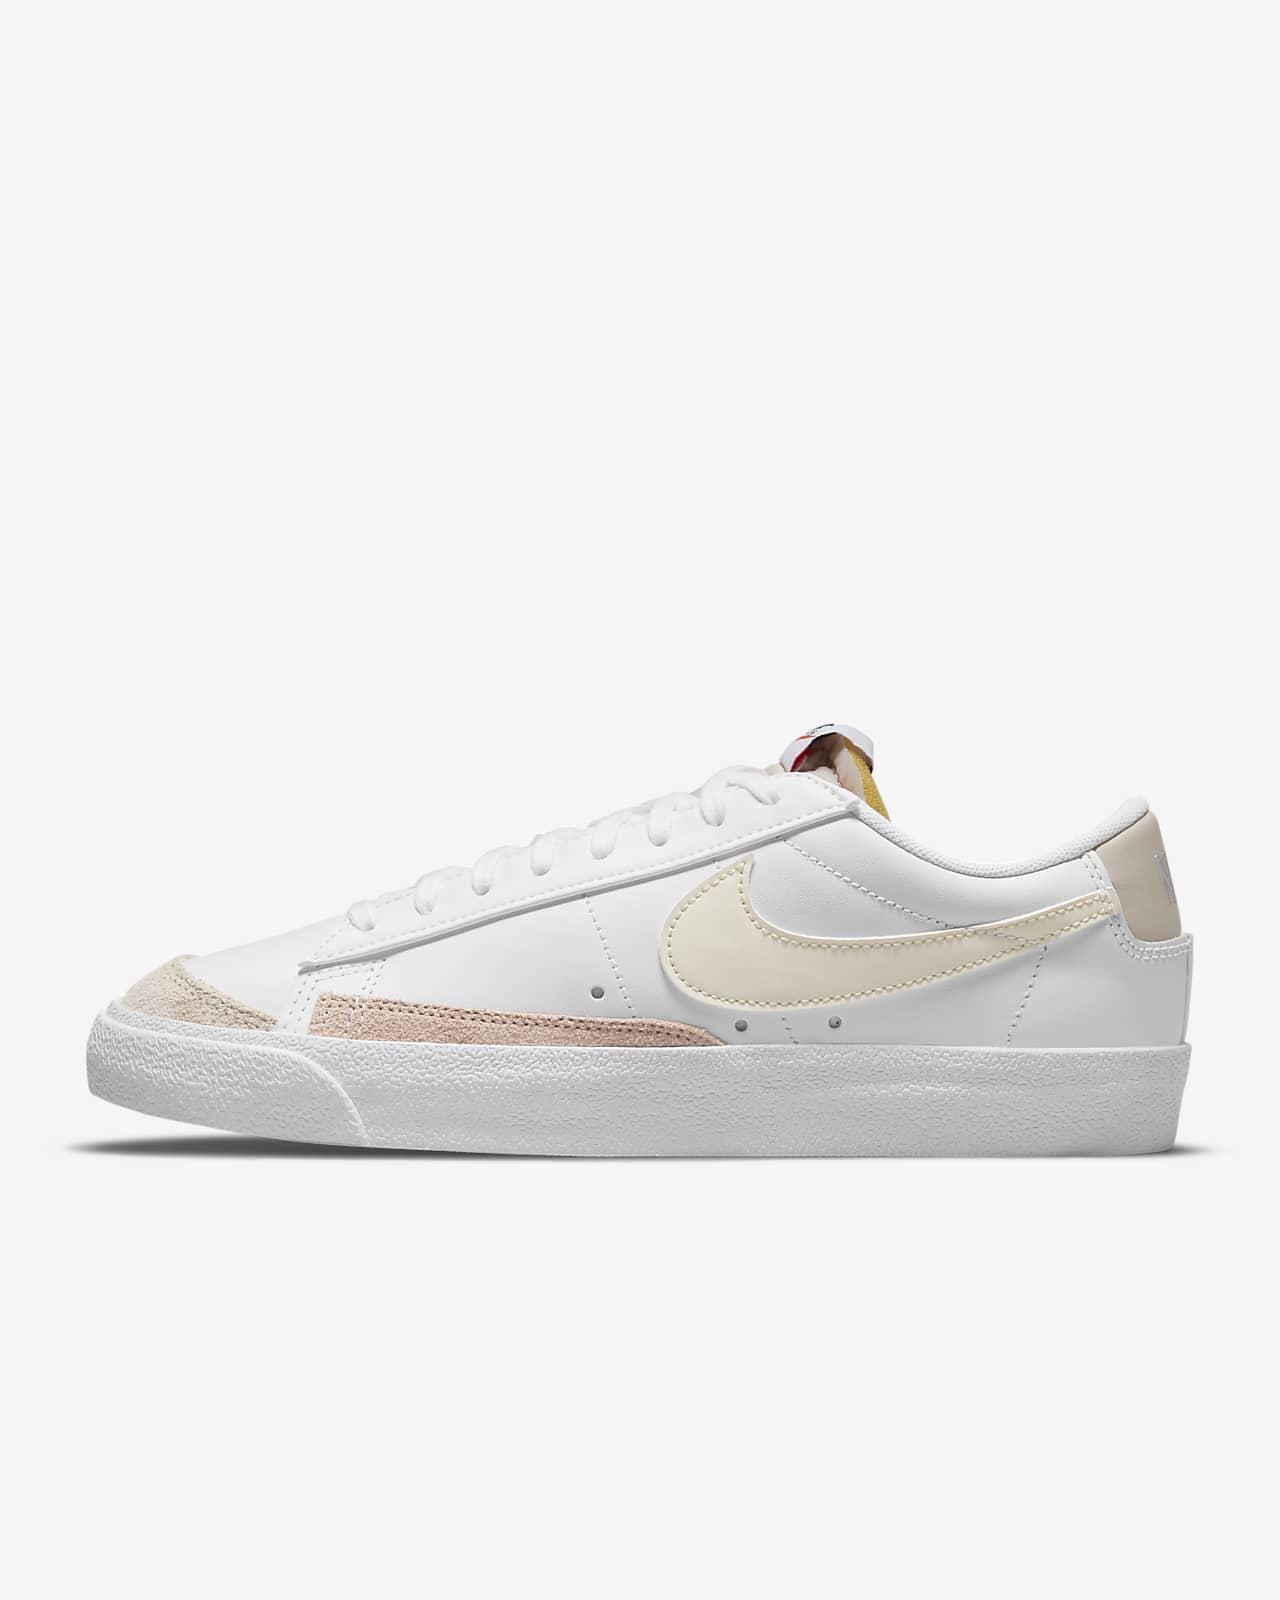 รองเท้าผู้หญิง Nike Blazer Low '77